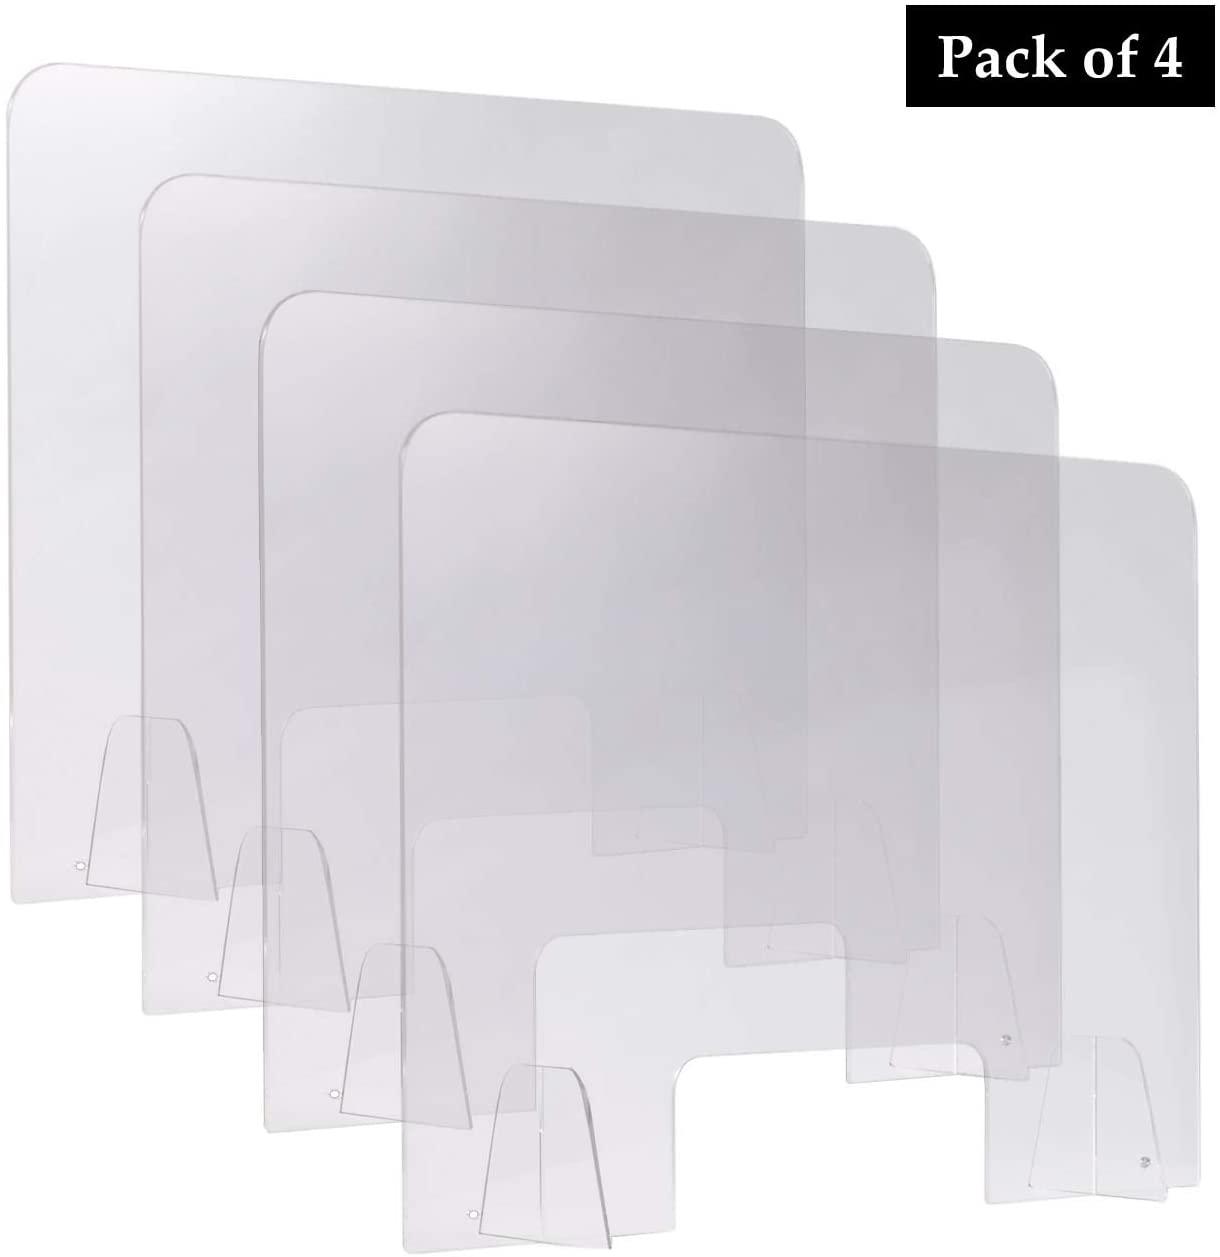 (Pack of 4) Eglaf 32